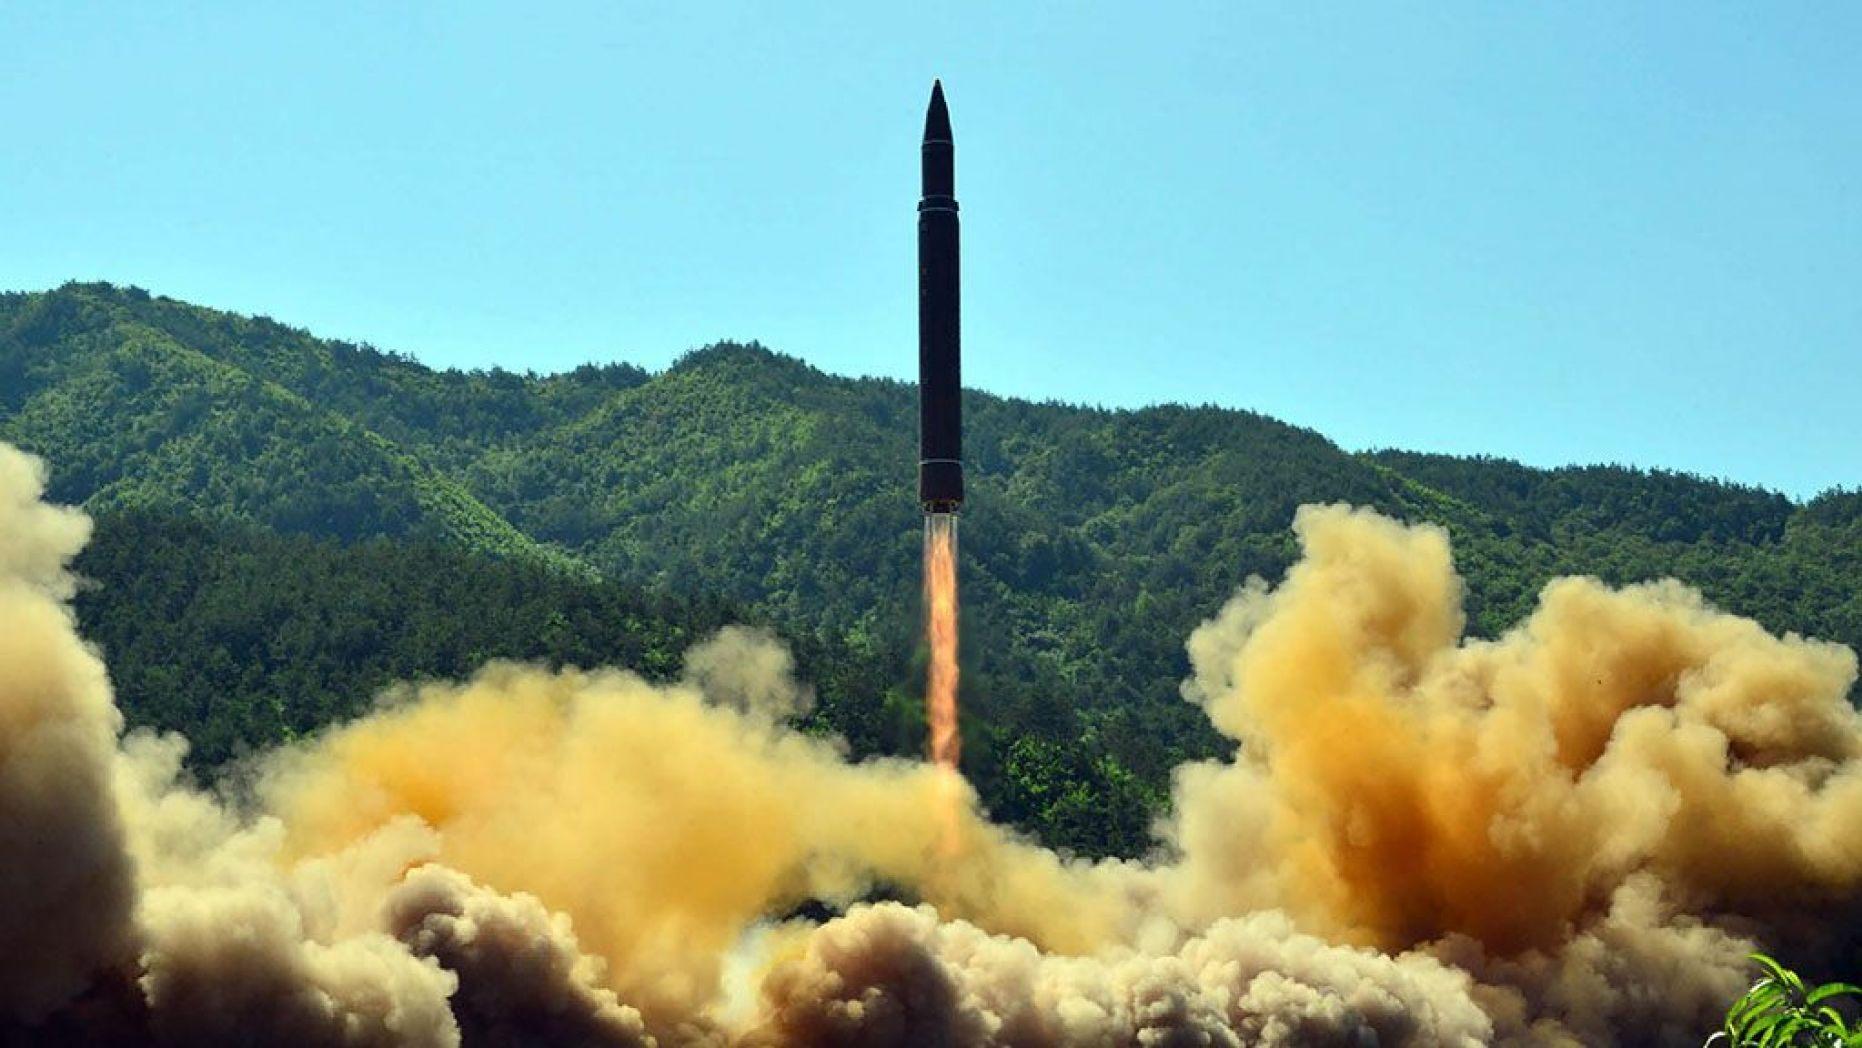 圖:這張照片拍攝於2017年7月4日,由北韓官方的朝中社發佈。照片顯示,洲際彈道導彈「火星-14」(Hwasong-14)在北韓一個秘密地點成功試射。(STR/AFP via Getty Images)